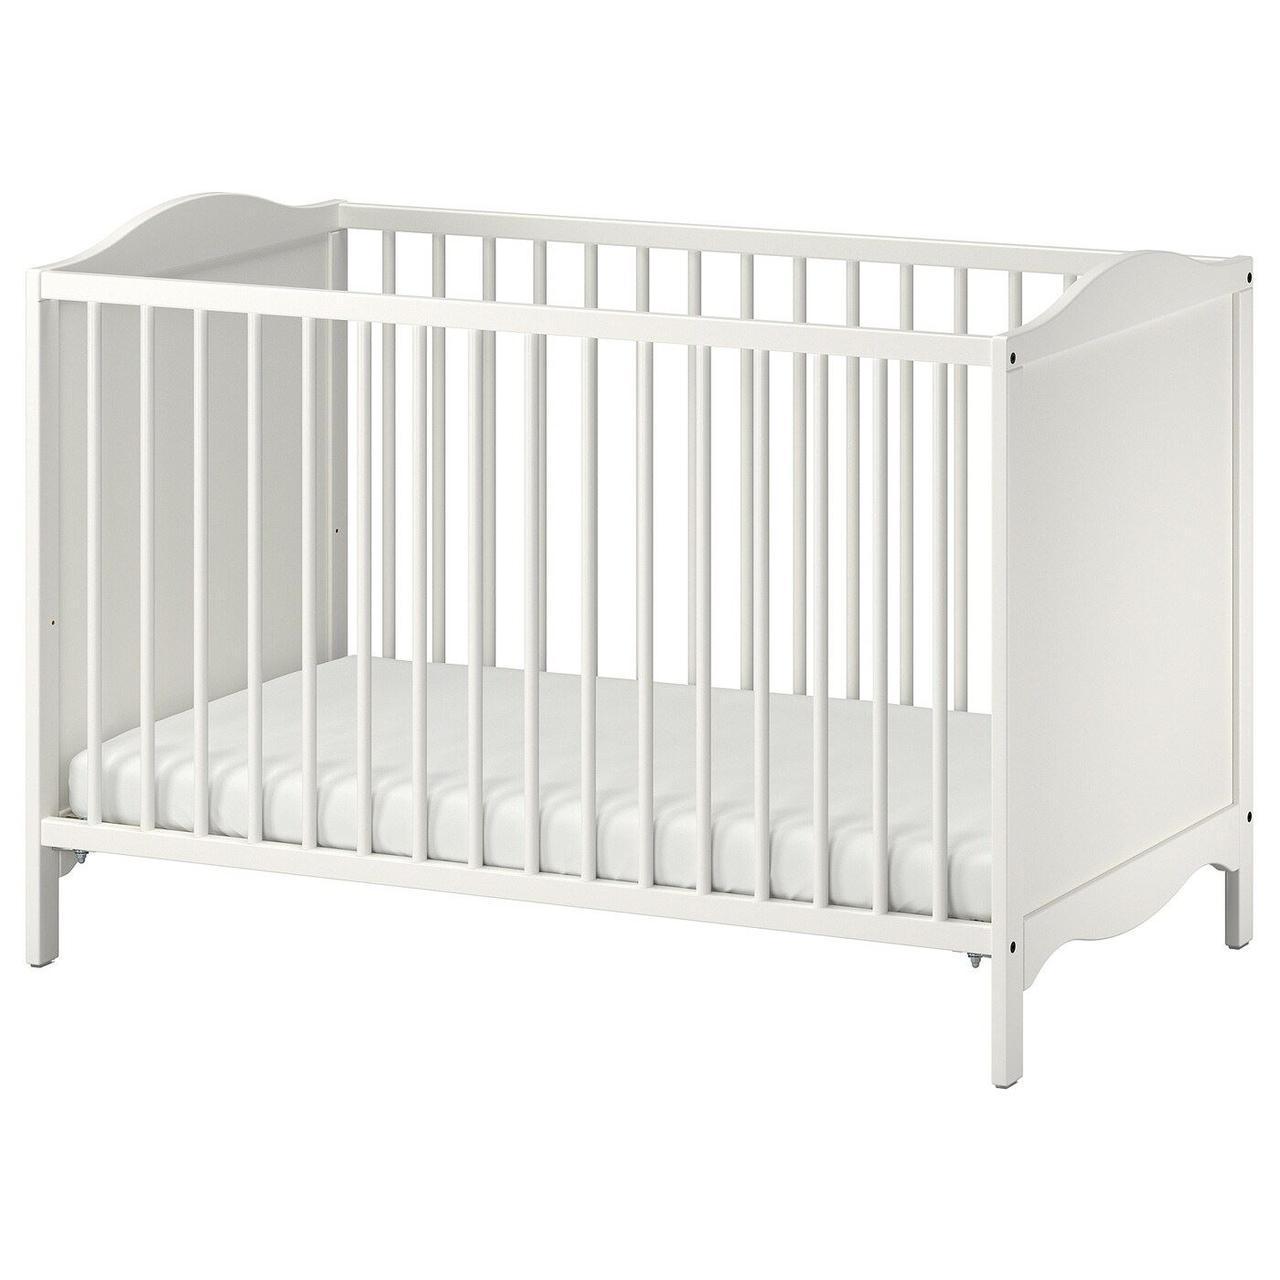 Кроватка детская IKEA SMÅGÖRA 60x120 см 504.612.30